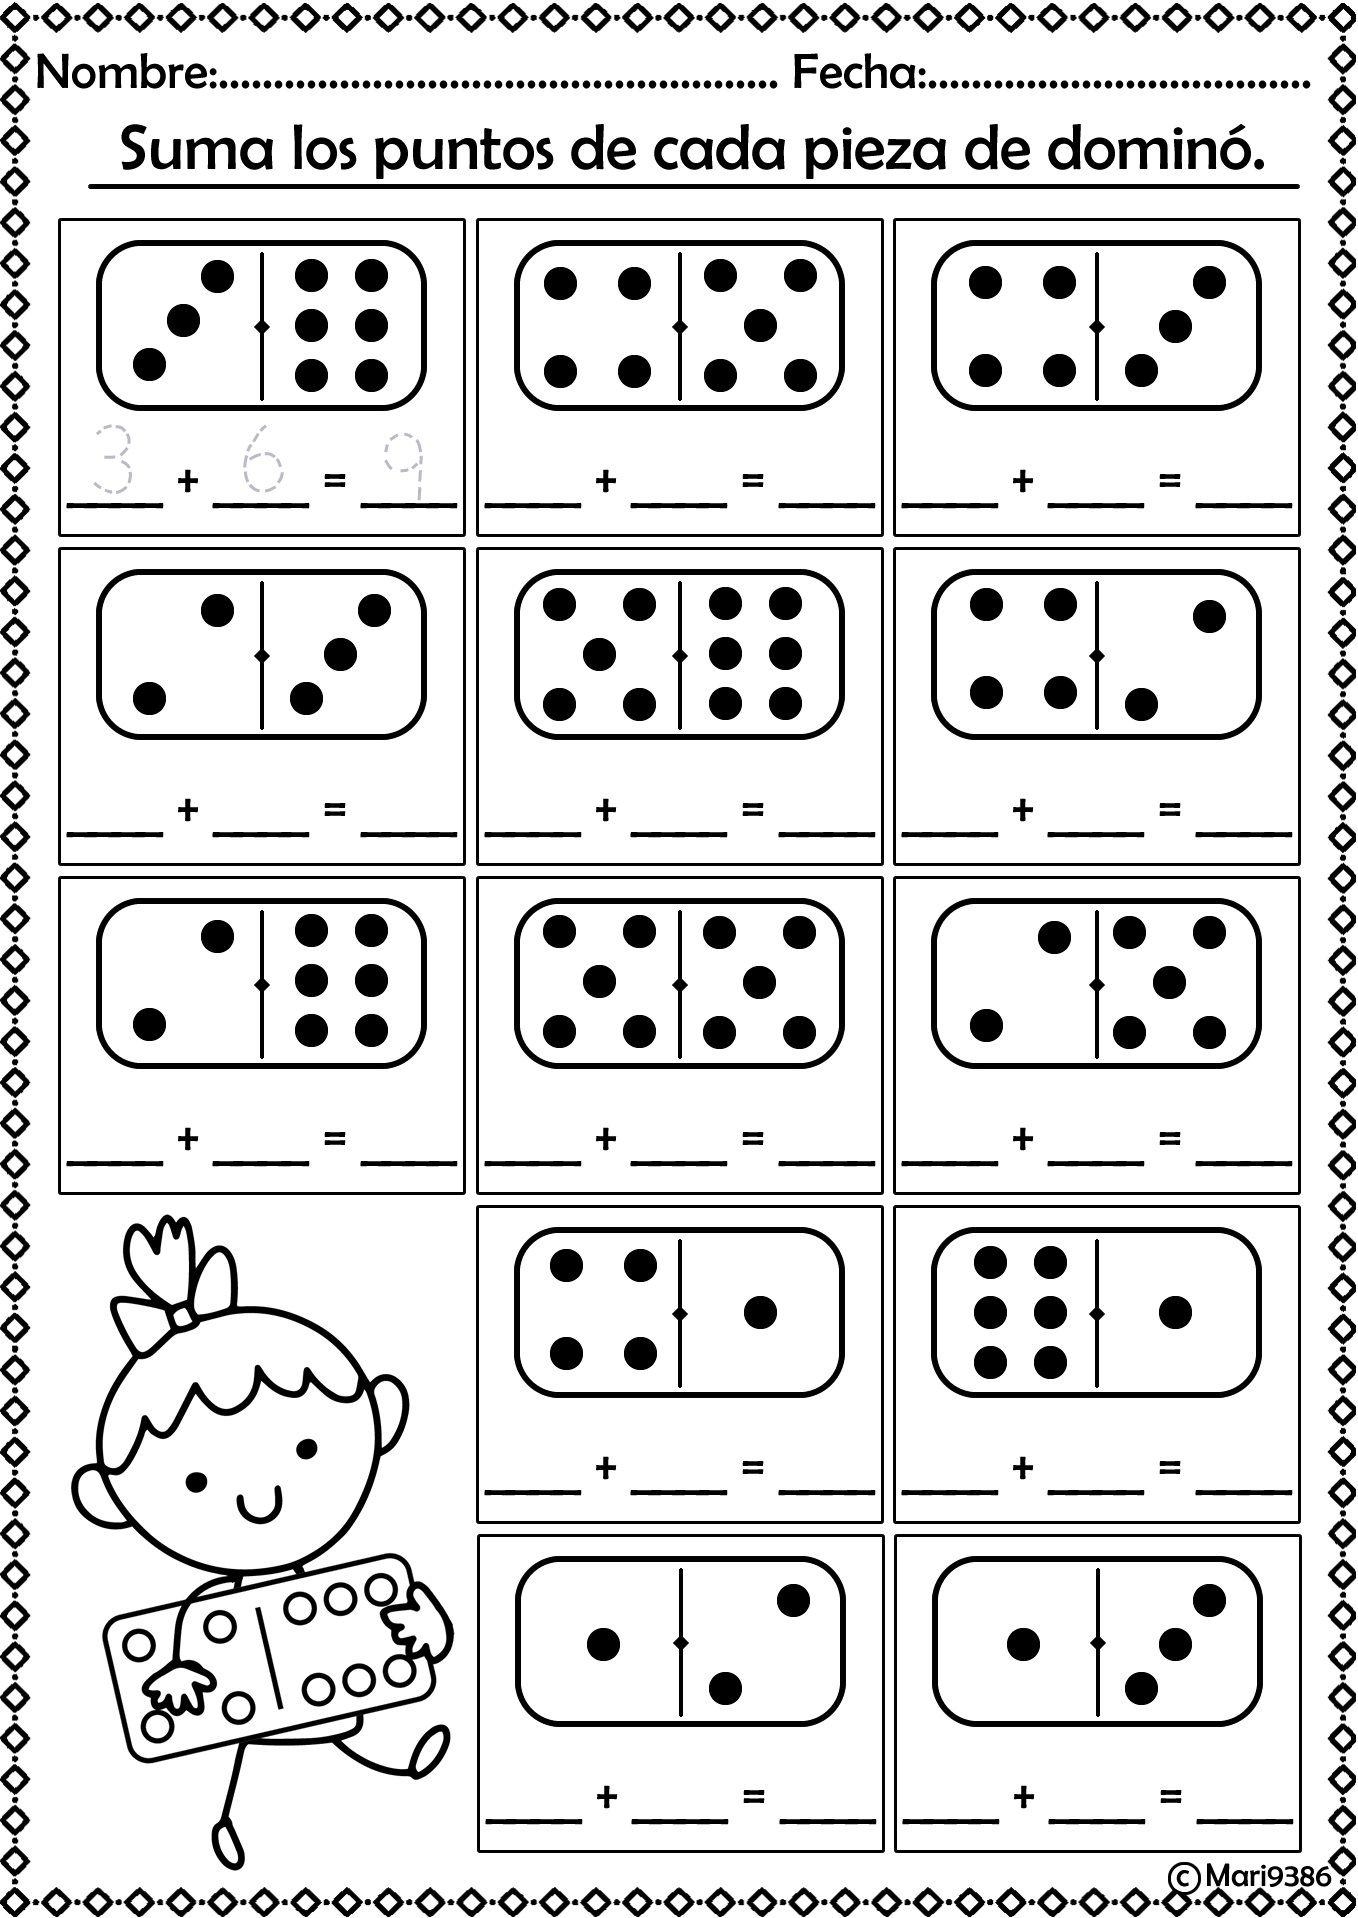 Sumas Con Domino Kids Math Worksheets First Grade Math Math Activities Preschool [ 1918 x 1358 Pixel ]